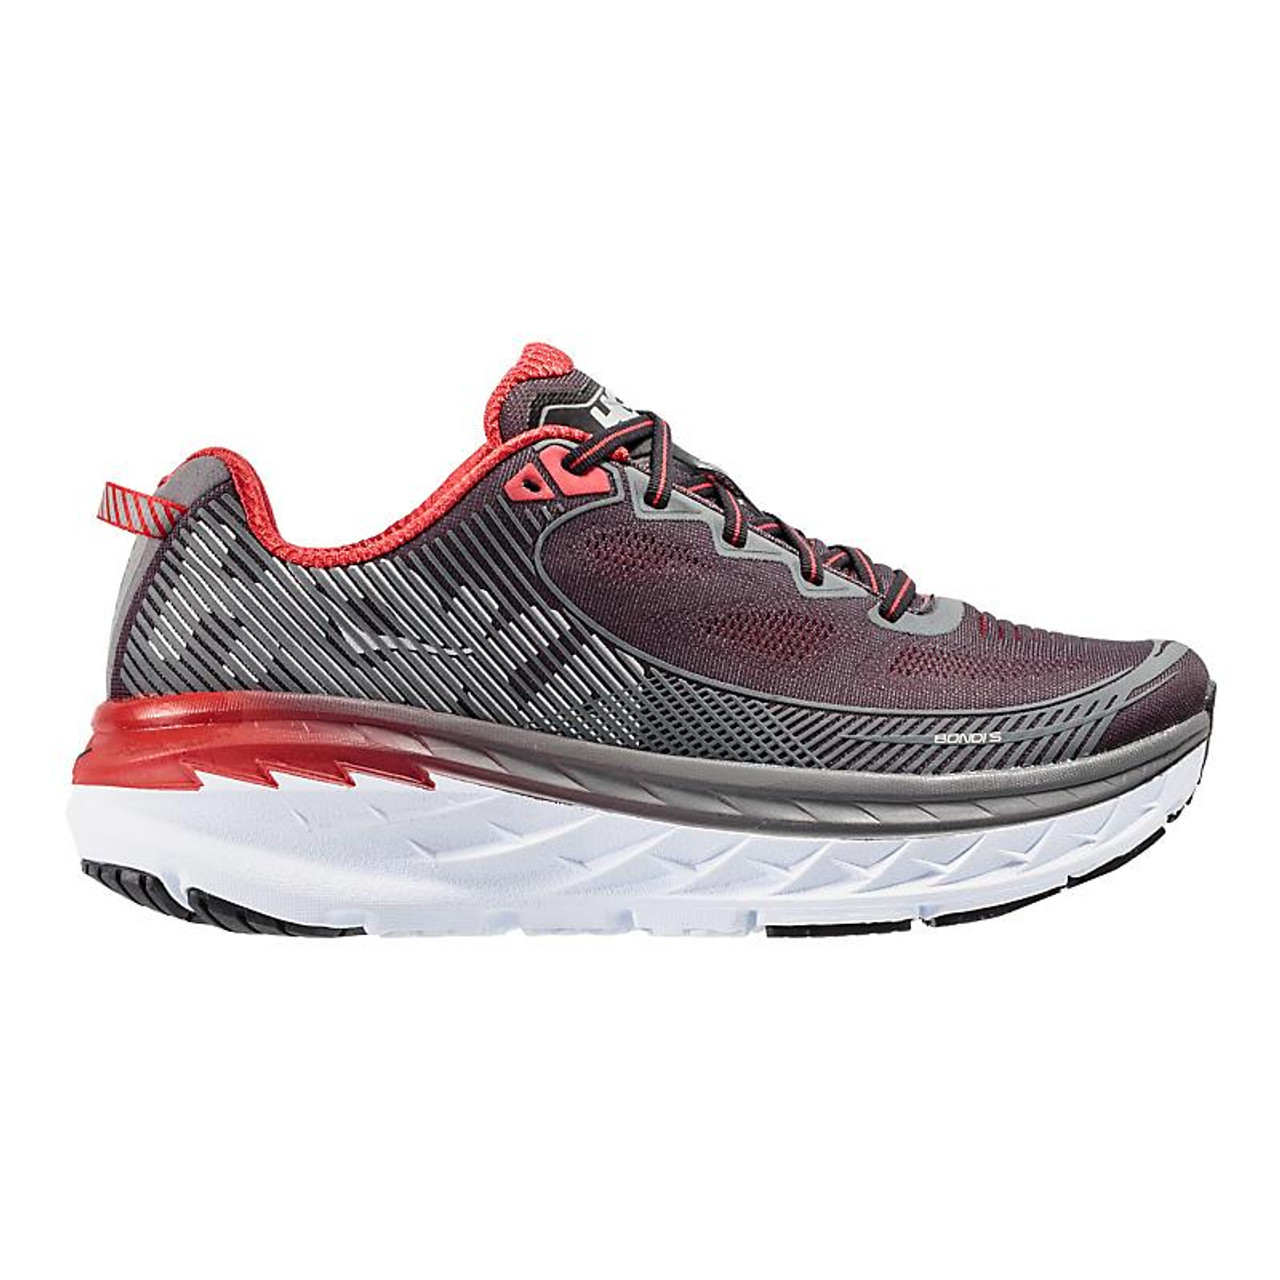 Hoka One One Mens Bondi 5 Running Shoe 1014757